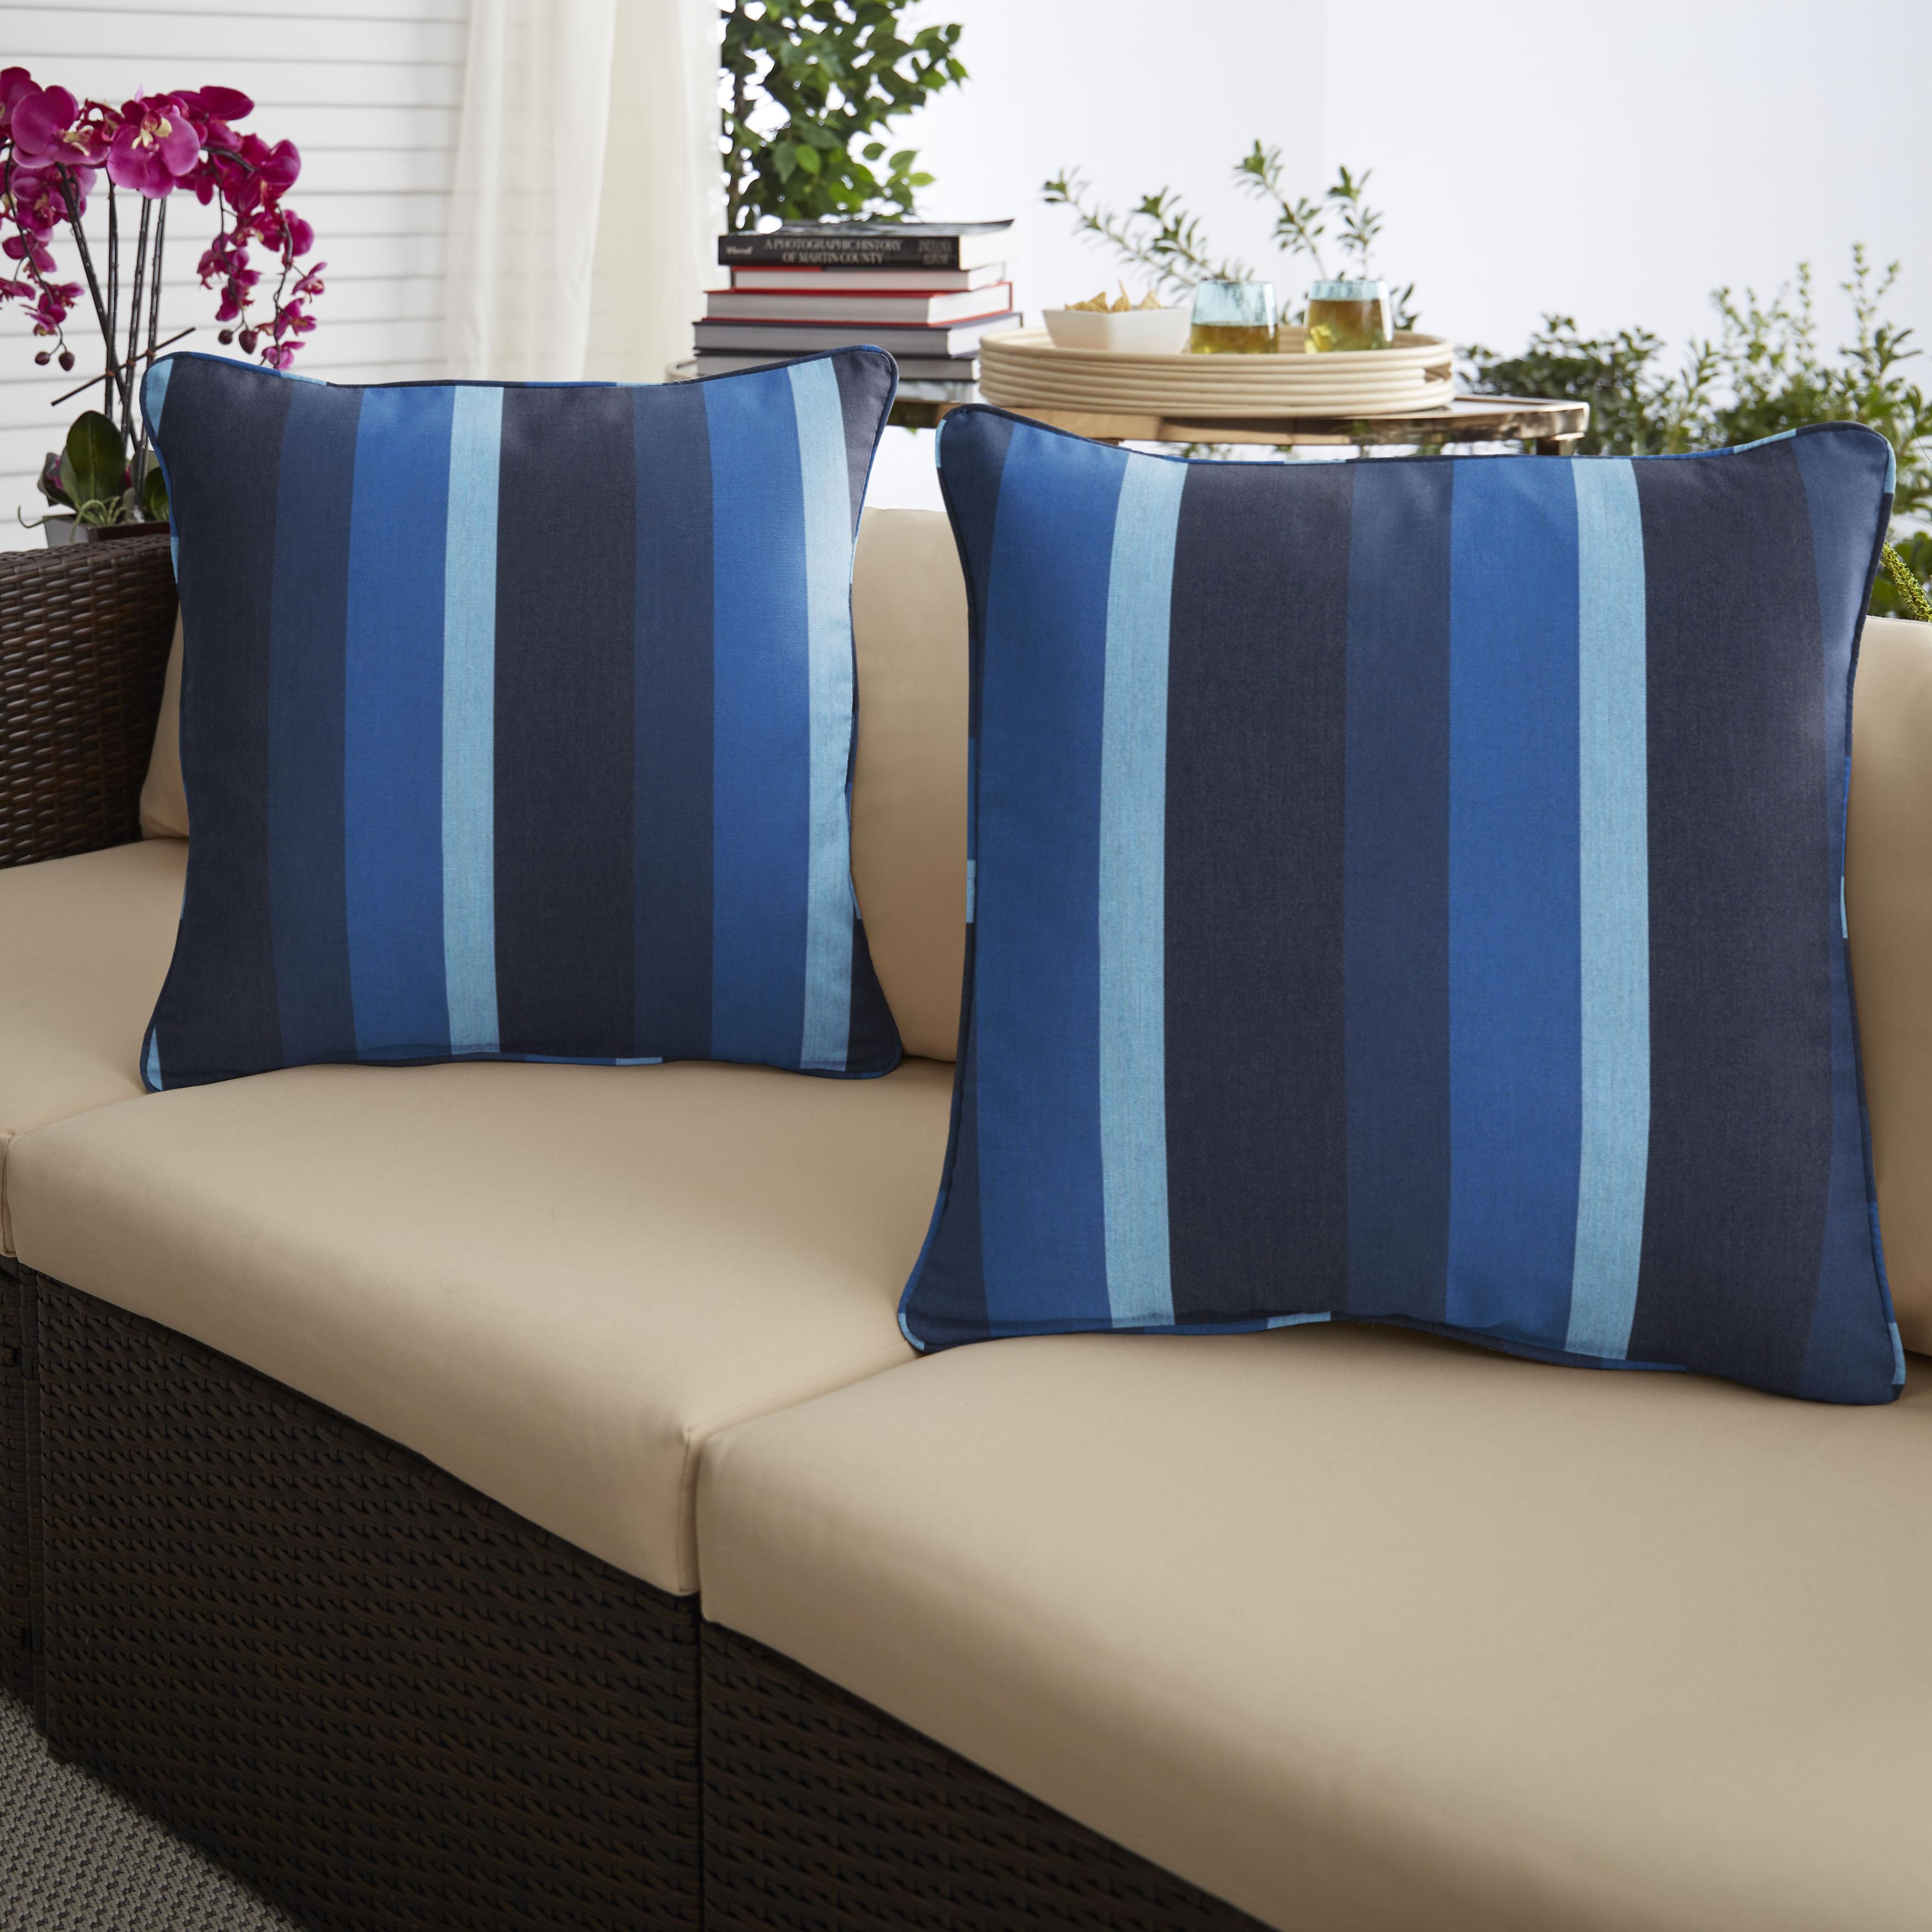 Sunbrella Gateway Indigo Set of 2 Outdoor Pillows